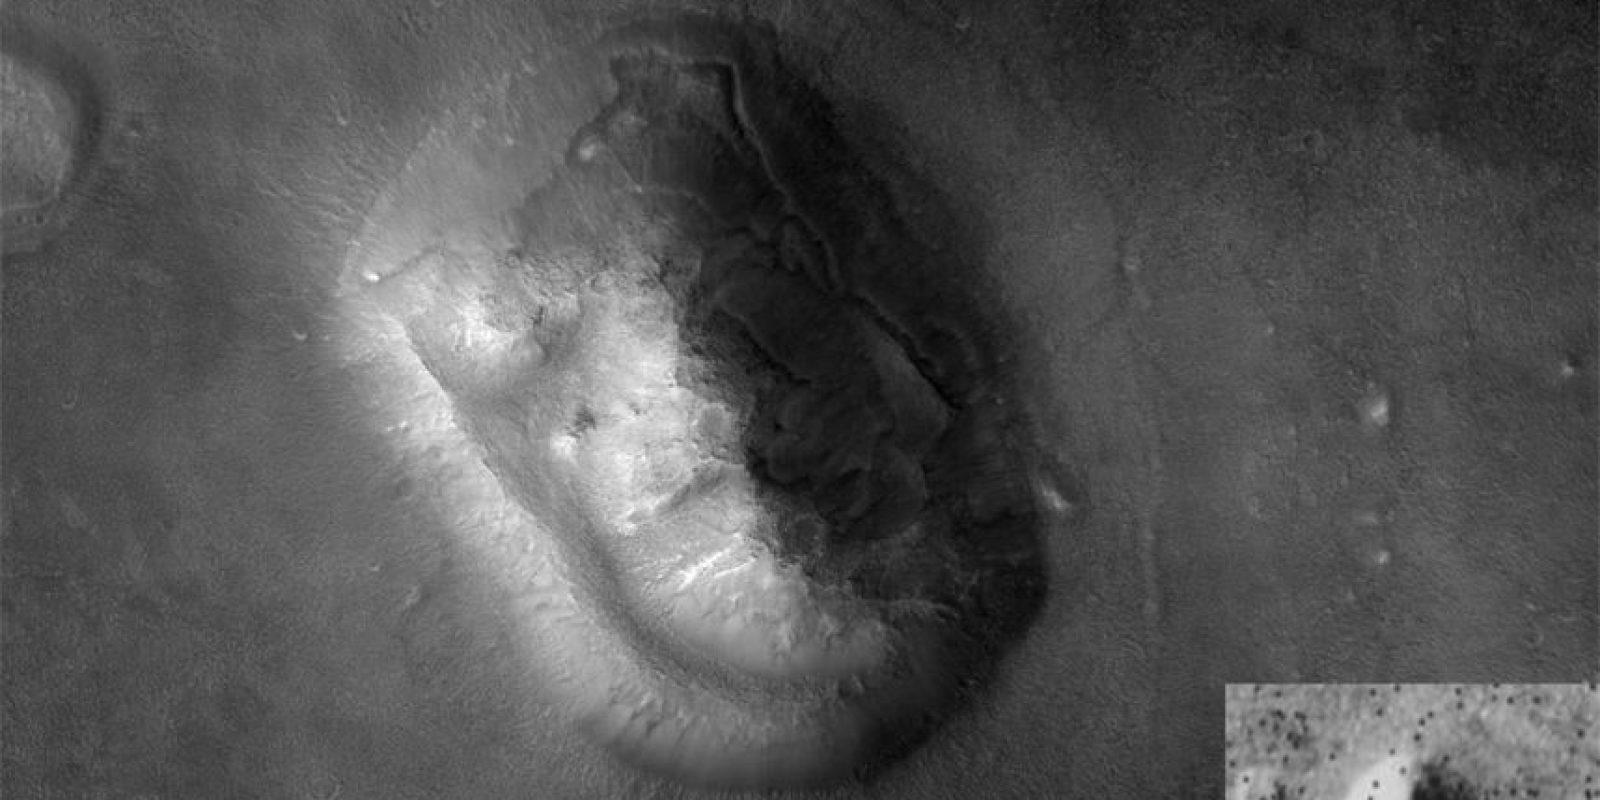 """Hizo su aparición en series como """"The X Files"""" Foto:NASA"""